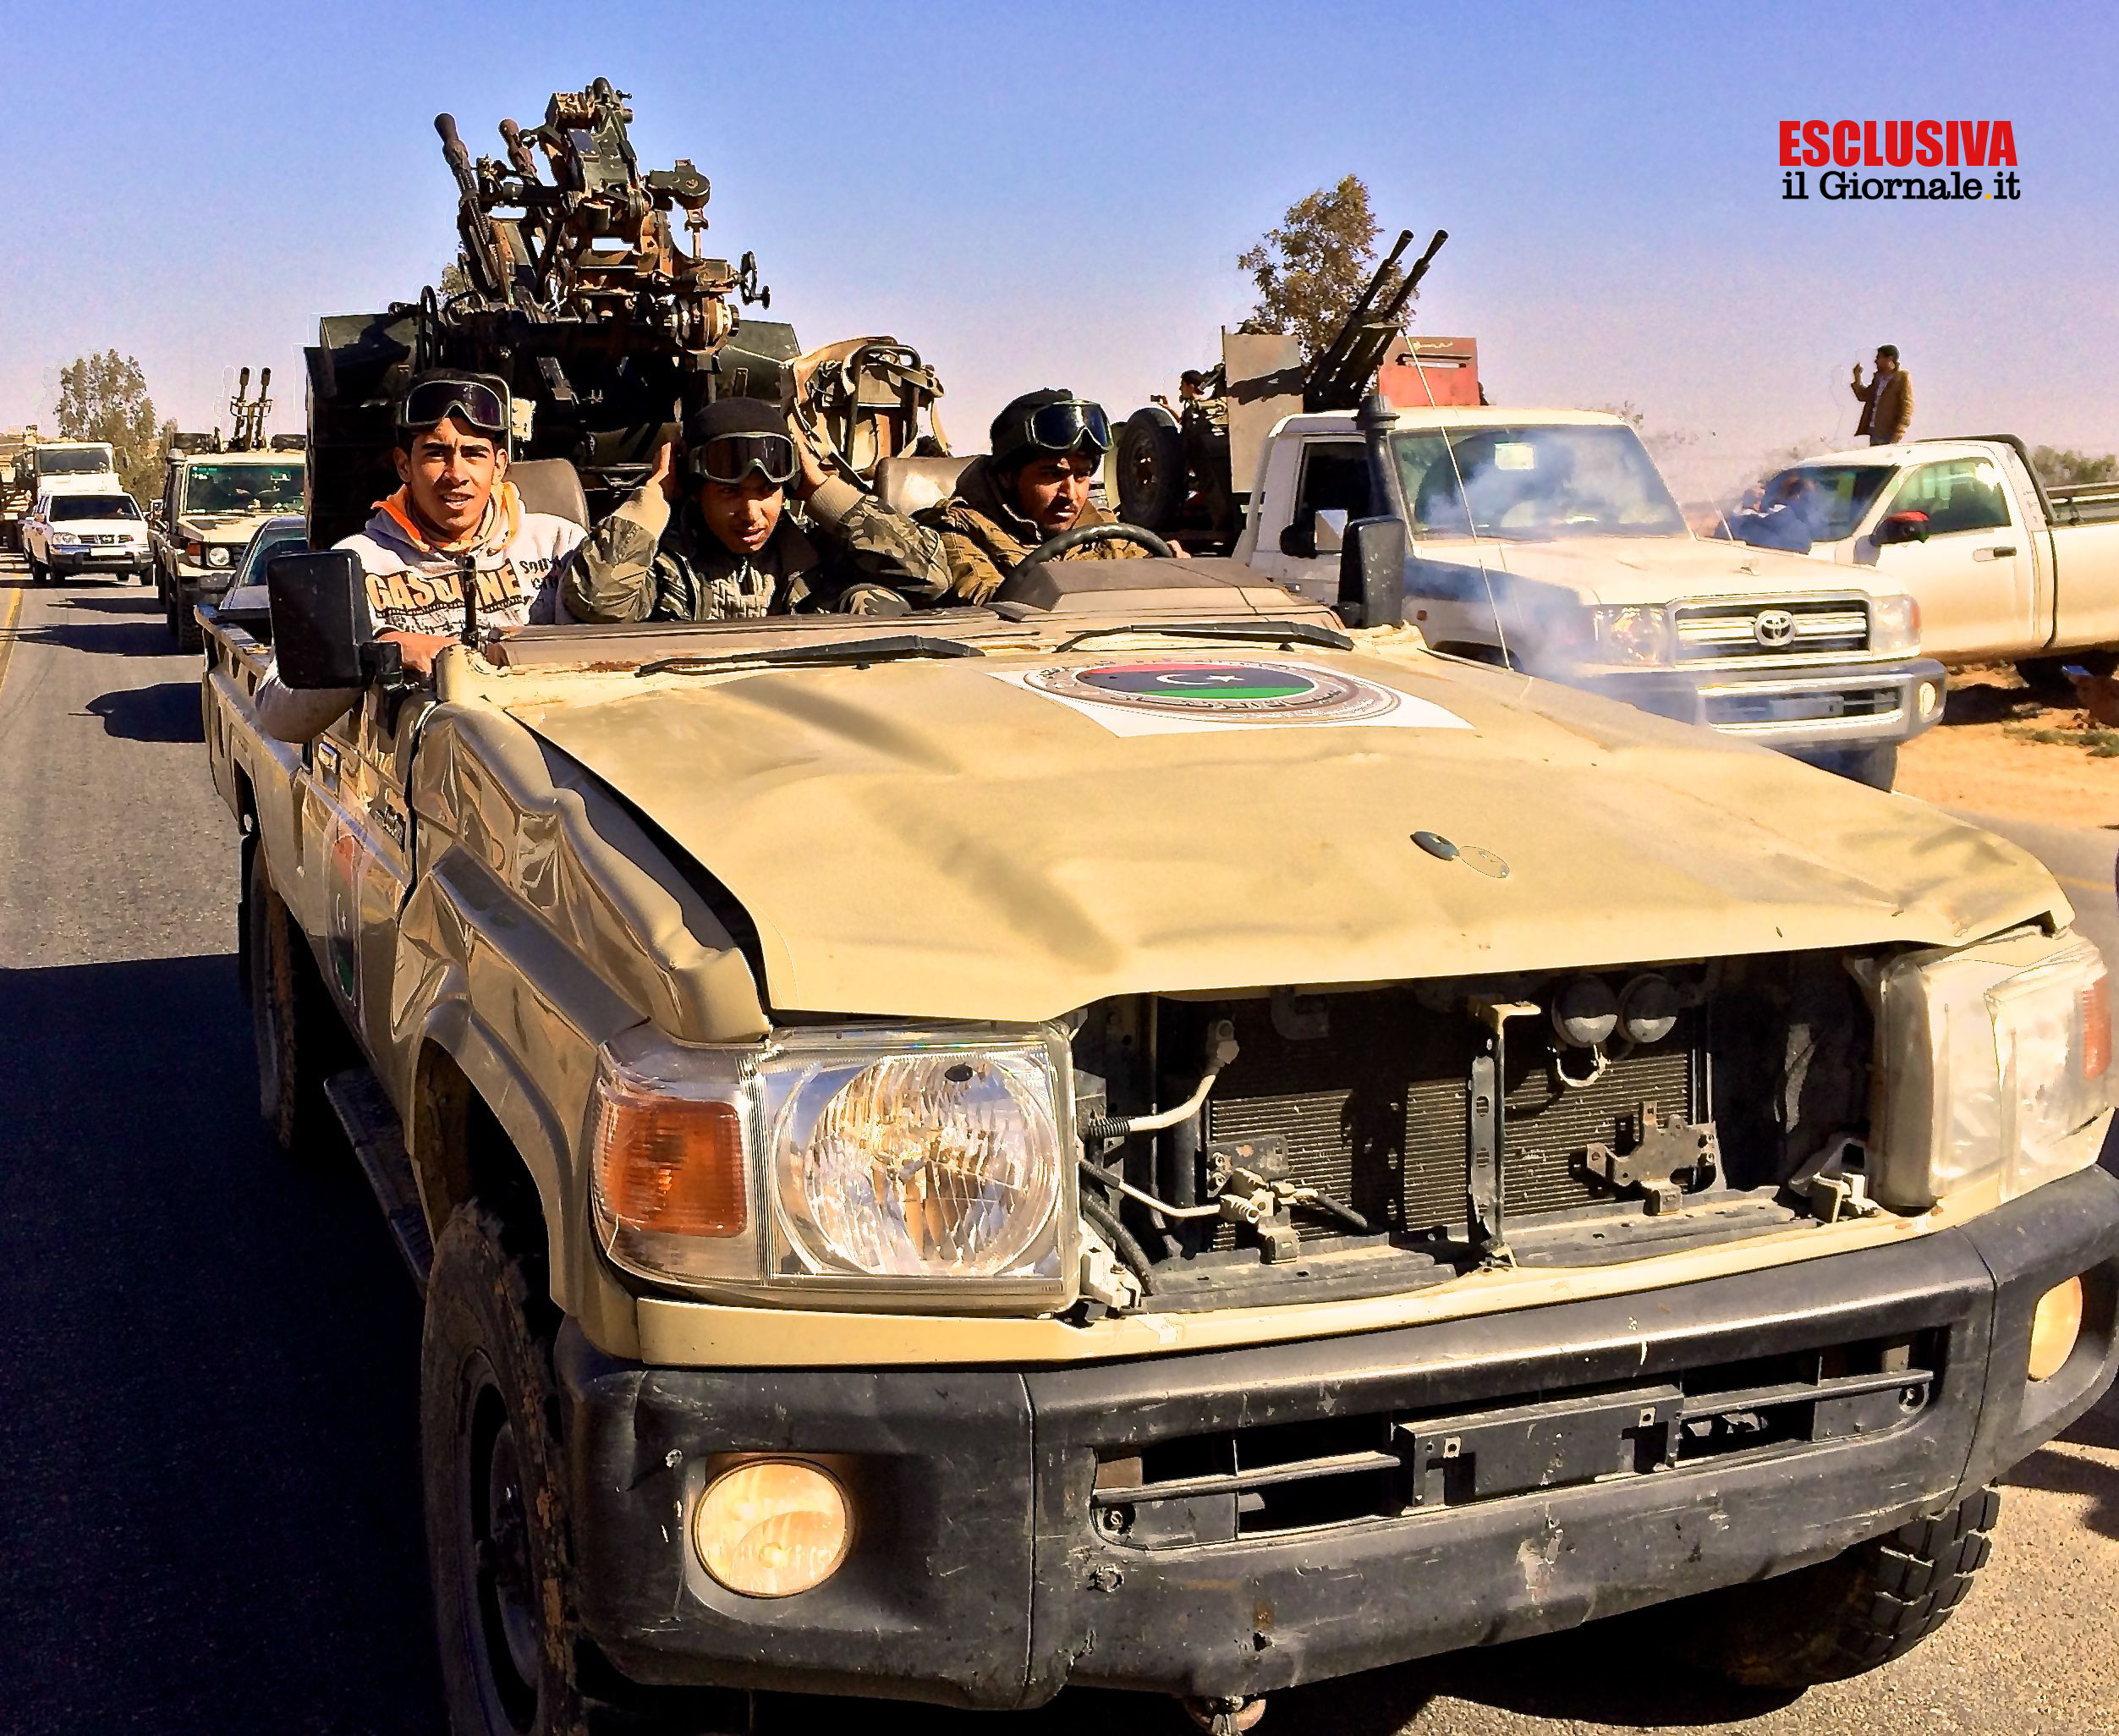 Libia, 7 febbraio: la grande paura - Gli occhi della guerra